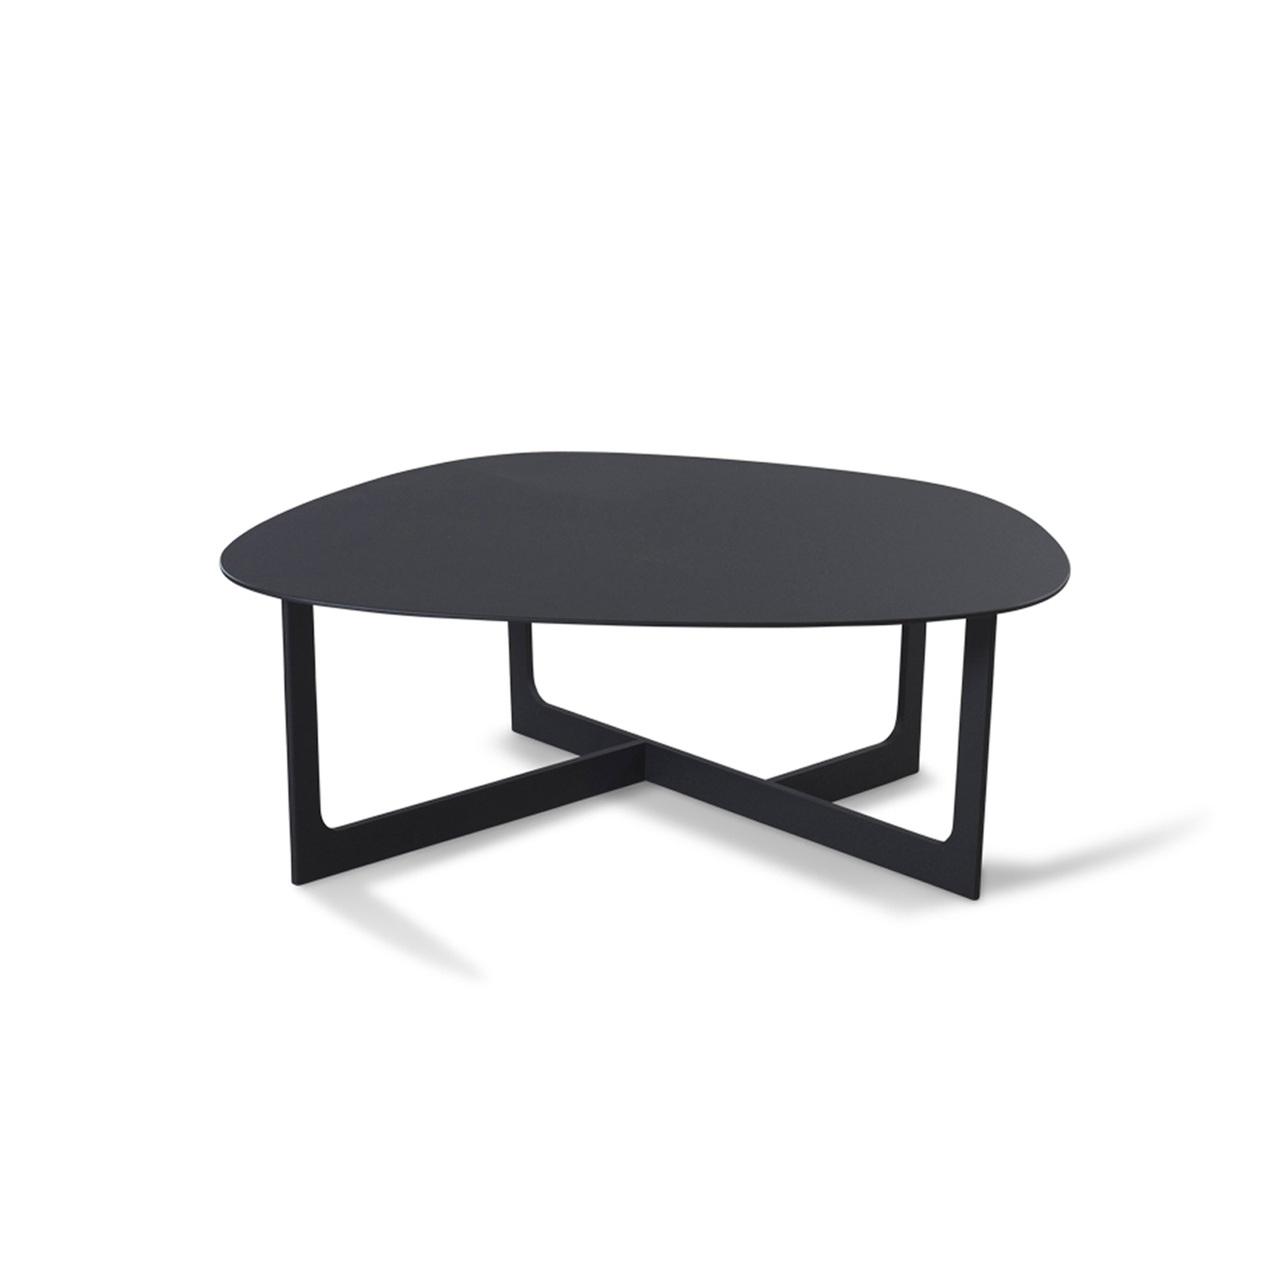 Erik Jørgensen Insula Table Aluminium schwarz, B: 72 cm / T: 78 cm